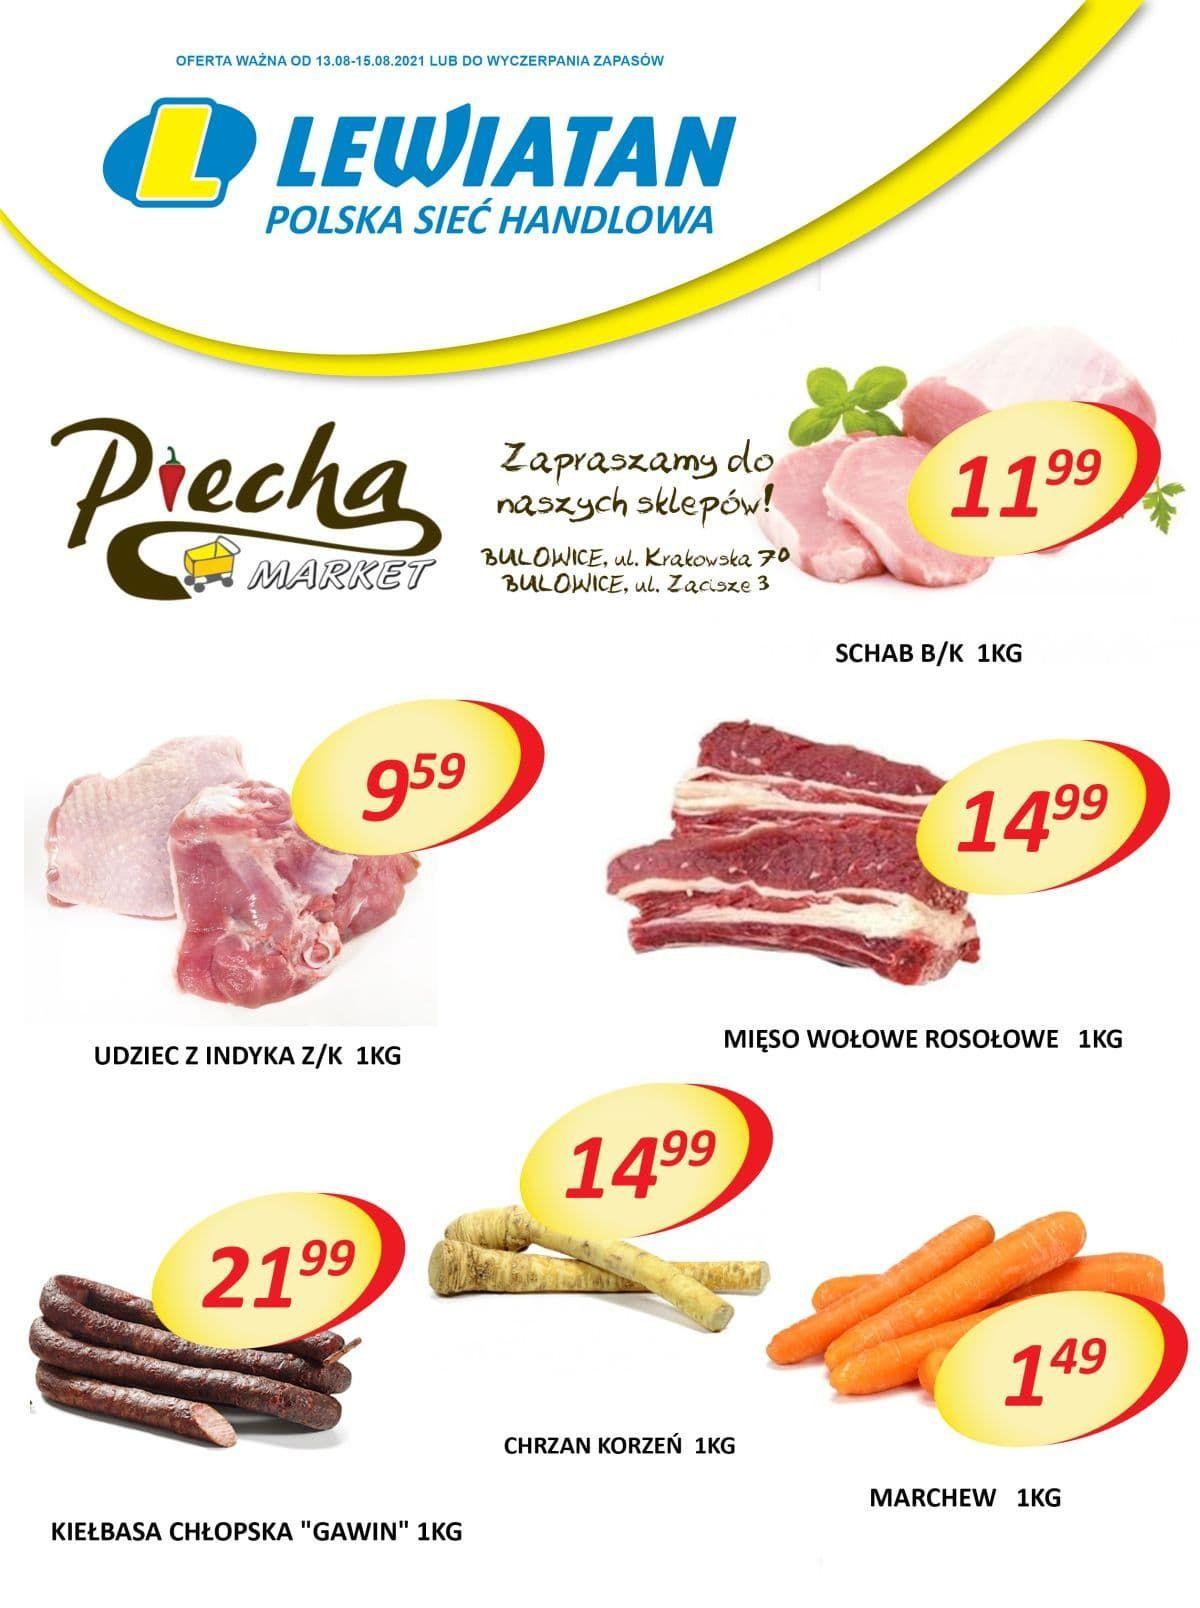 Lewiatan Piecha Market w Bulowicach. Promocje 13-15 sierpnia